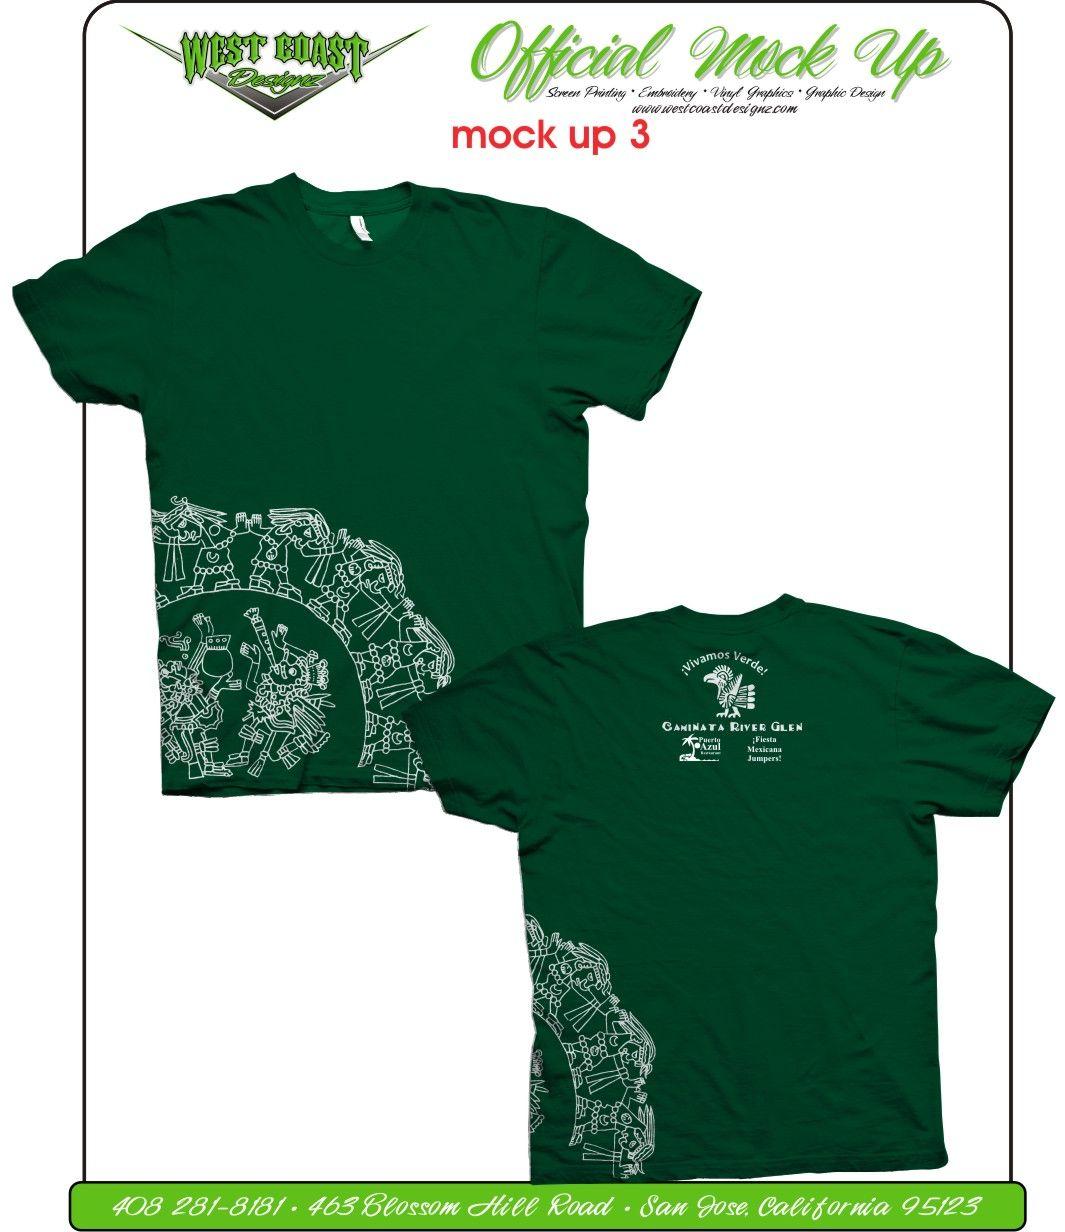 Cool School T Shirt Design Ideas Basketball T Shirt Designs Volleyball Shirt Designs School Shirts